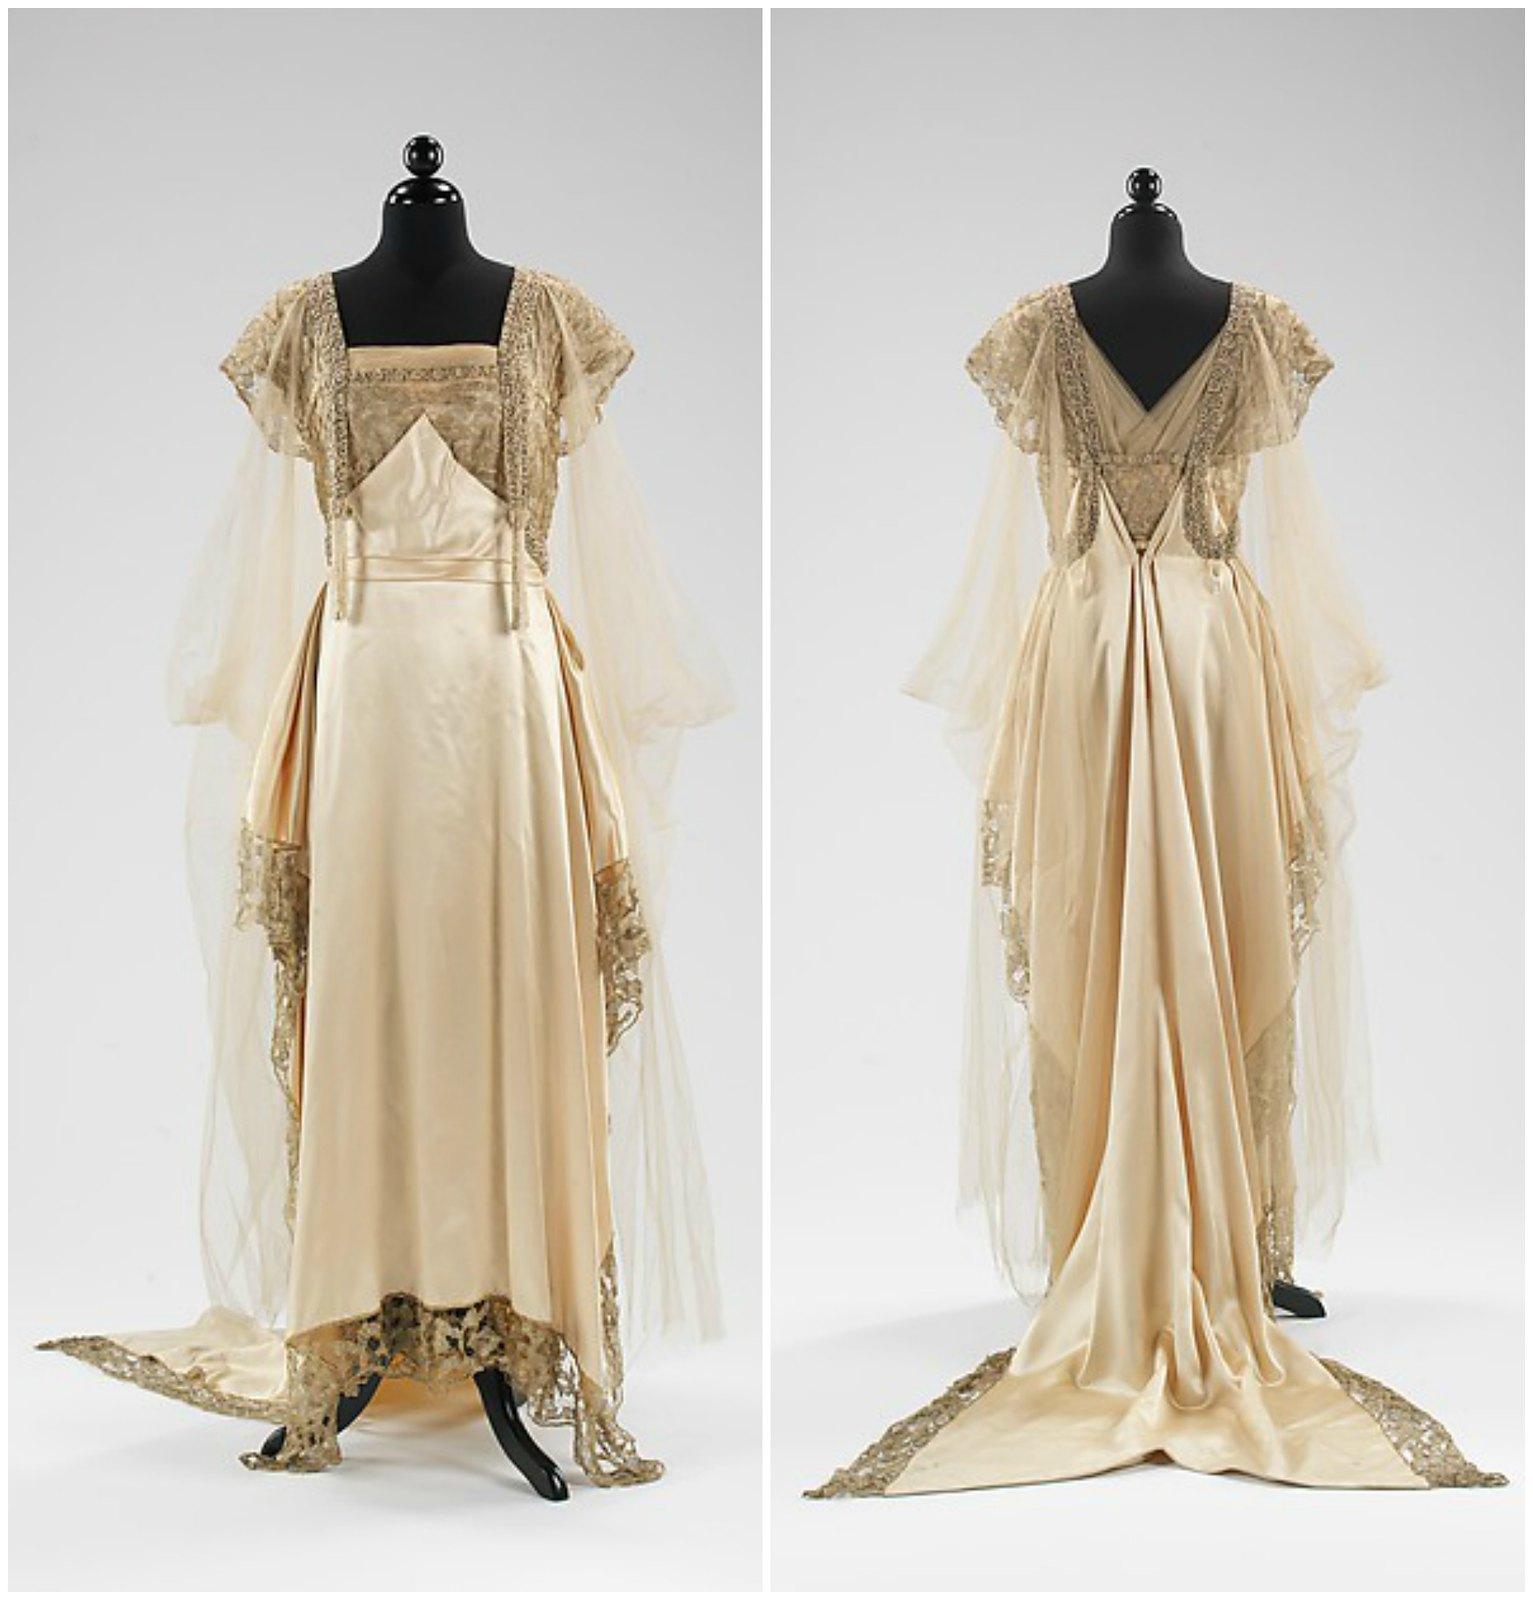 1915 Callot Soeurs. Silk, metal, pearl, metmuseum